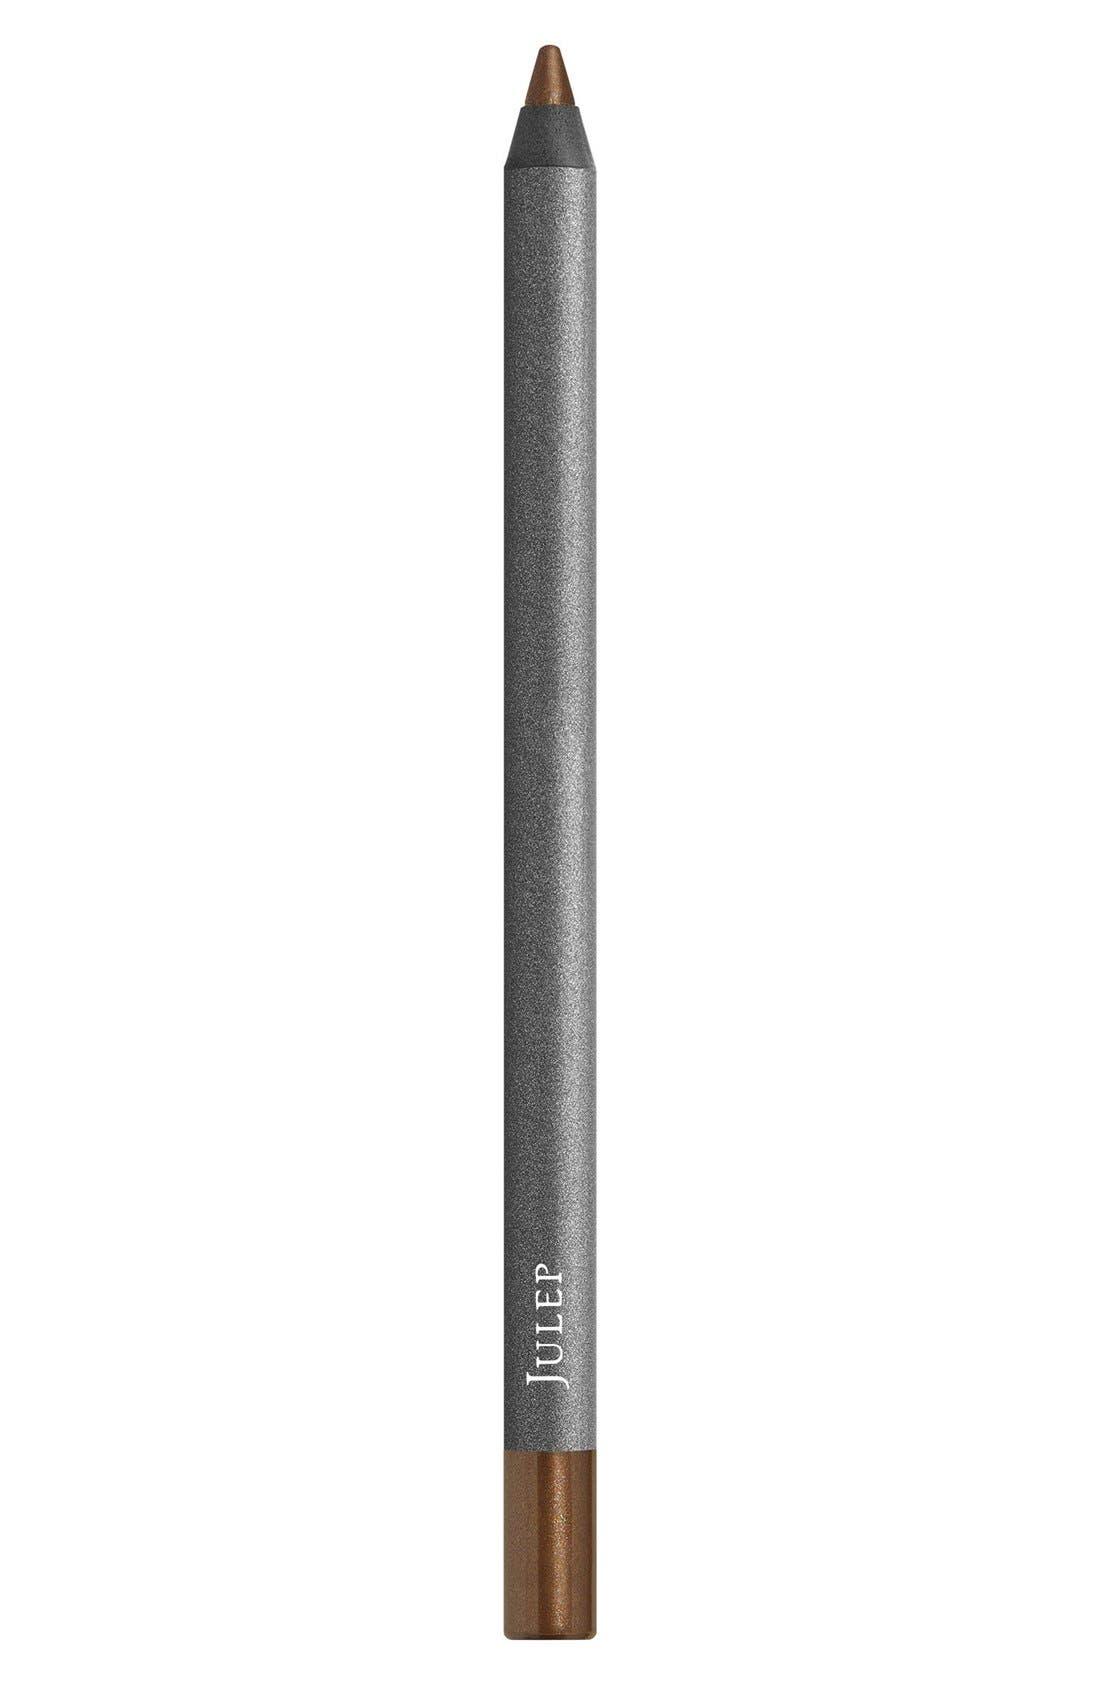 Julep(TM) When Pencil Met Gel Long-Lasting Eyeliner -